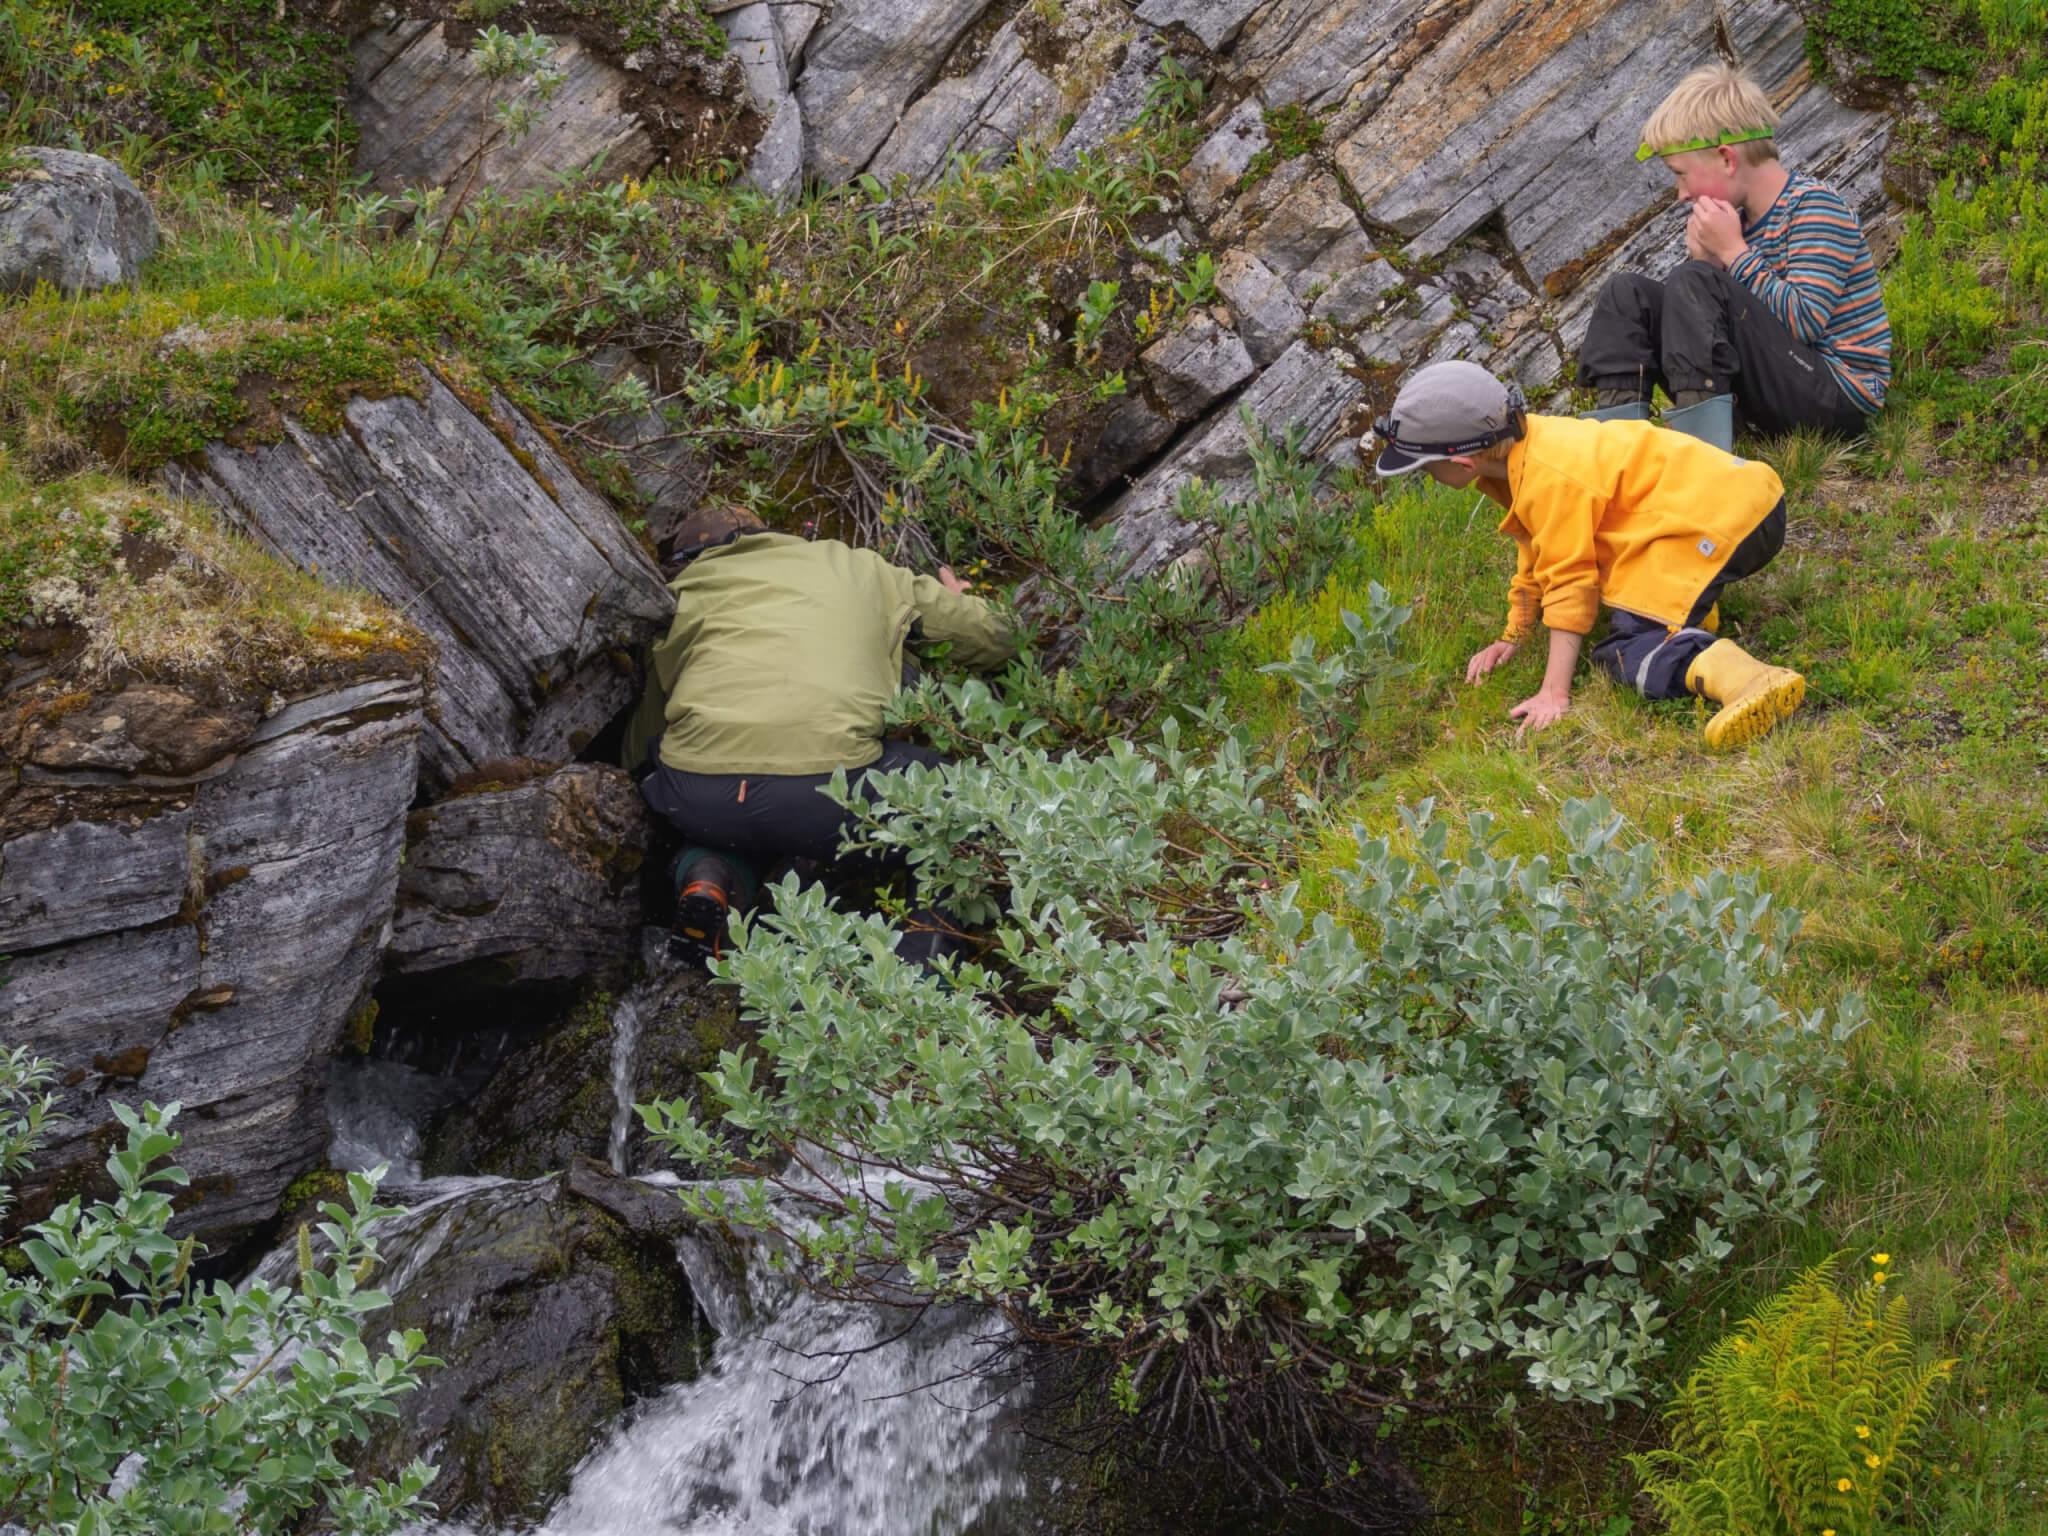 En vuxen person med grön tröja står med ryggen vänd mot kameran och tittar in i en bergskreva. Ett barn står på sidan och tittar på den vuxne.